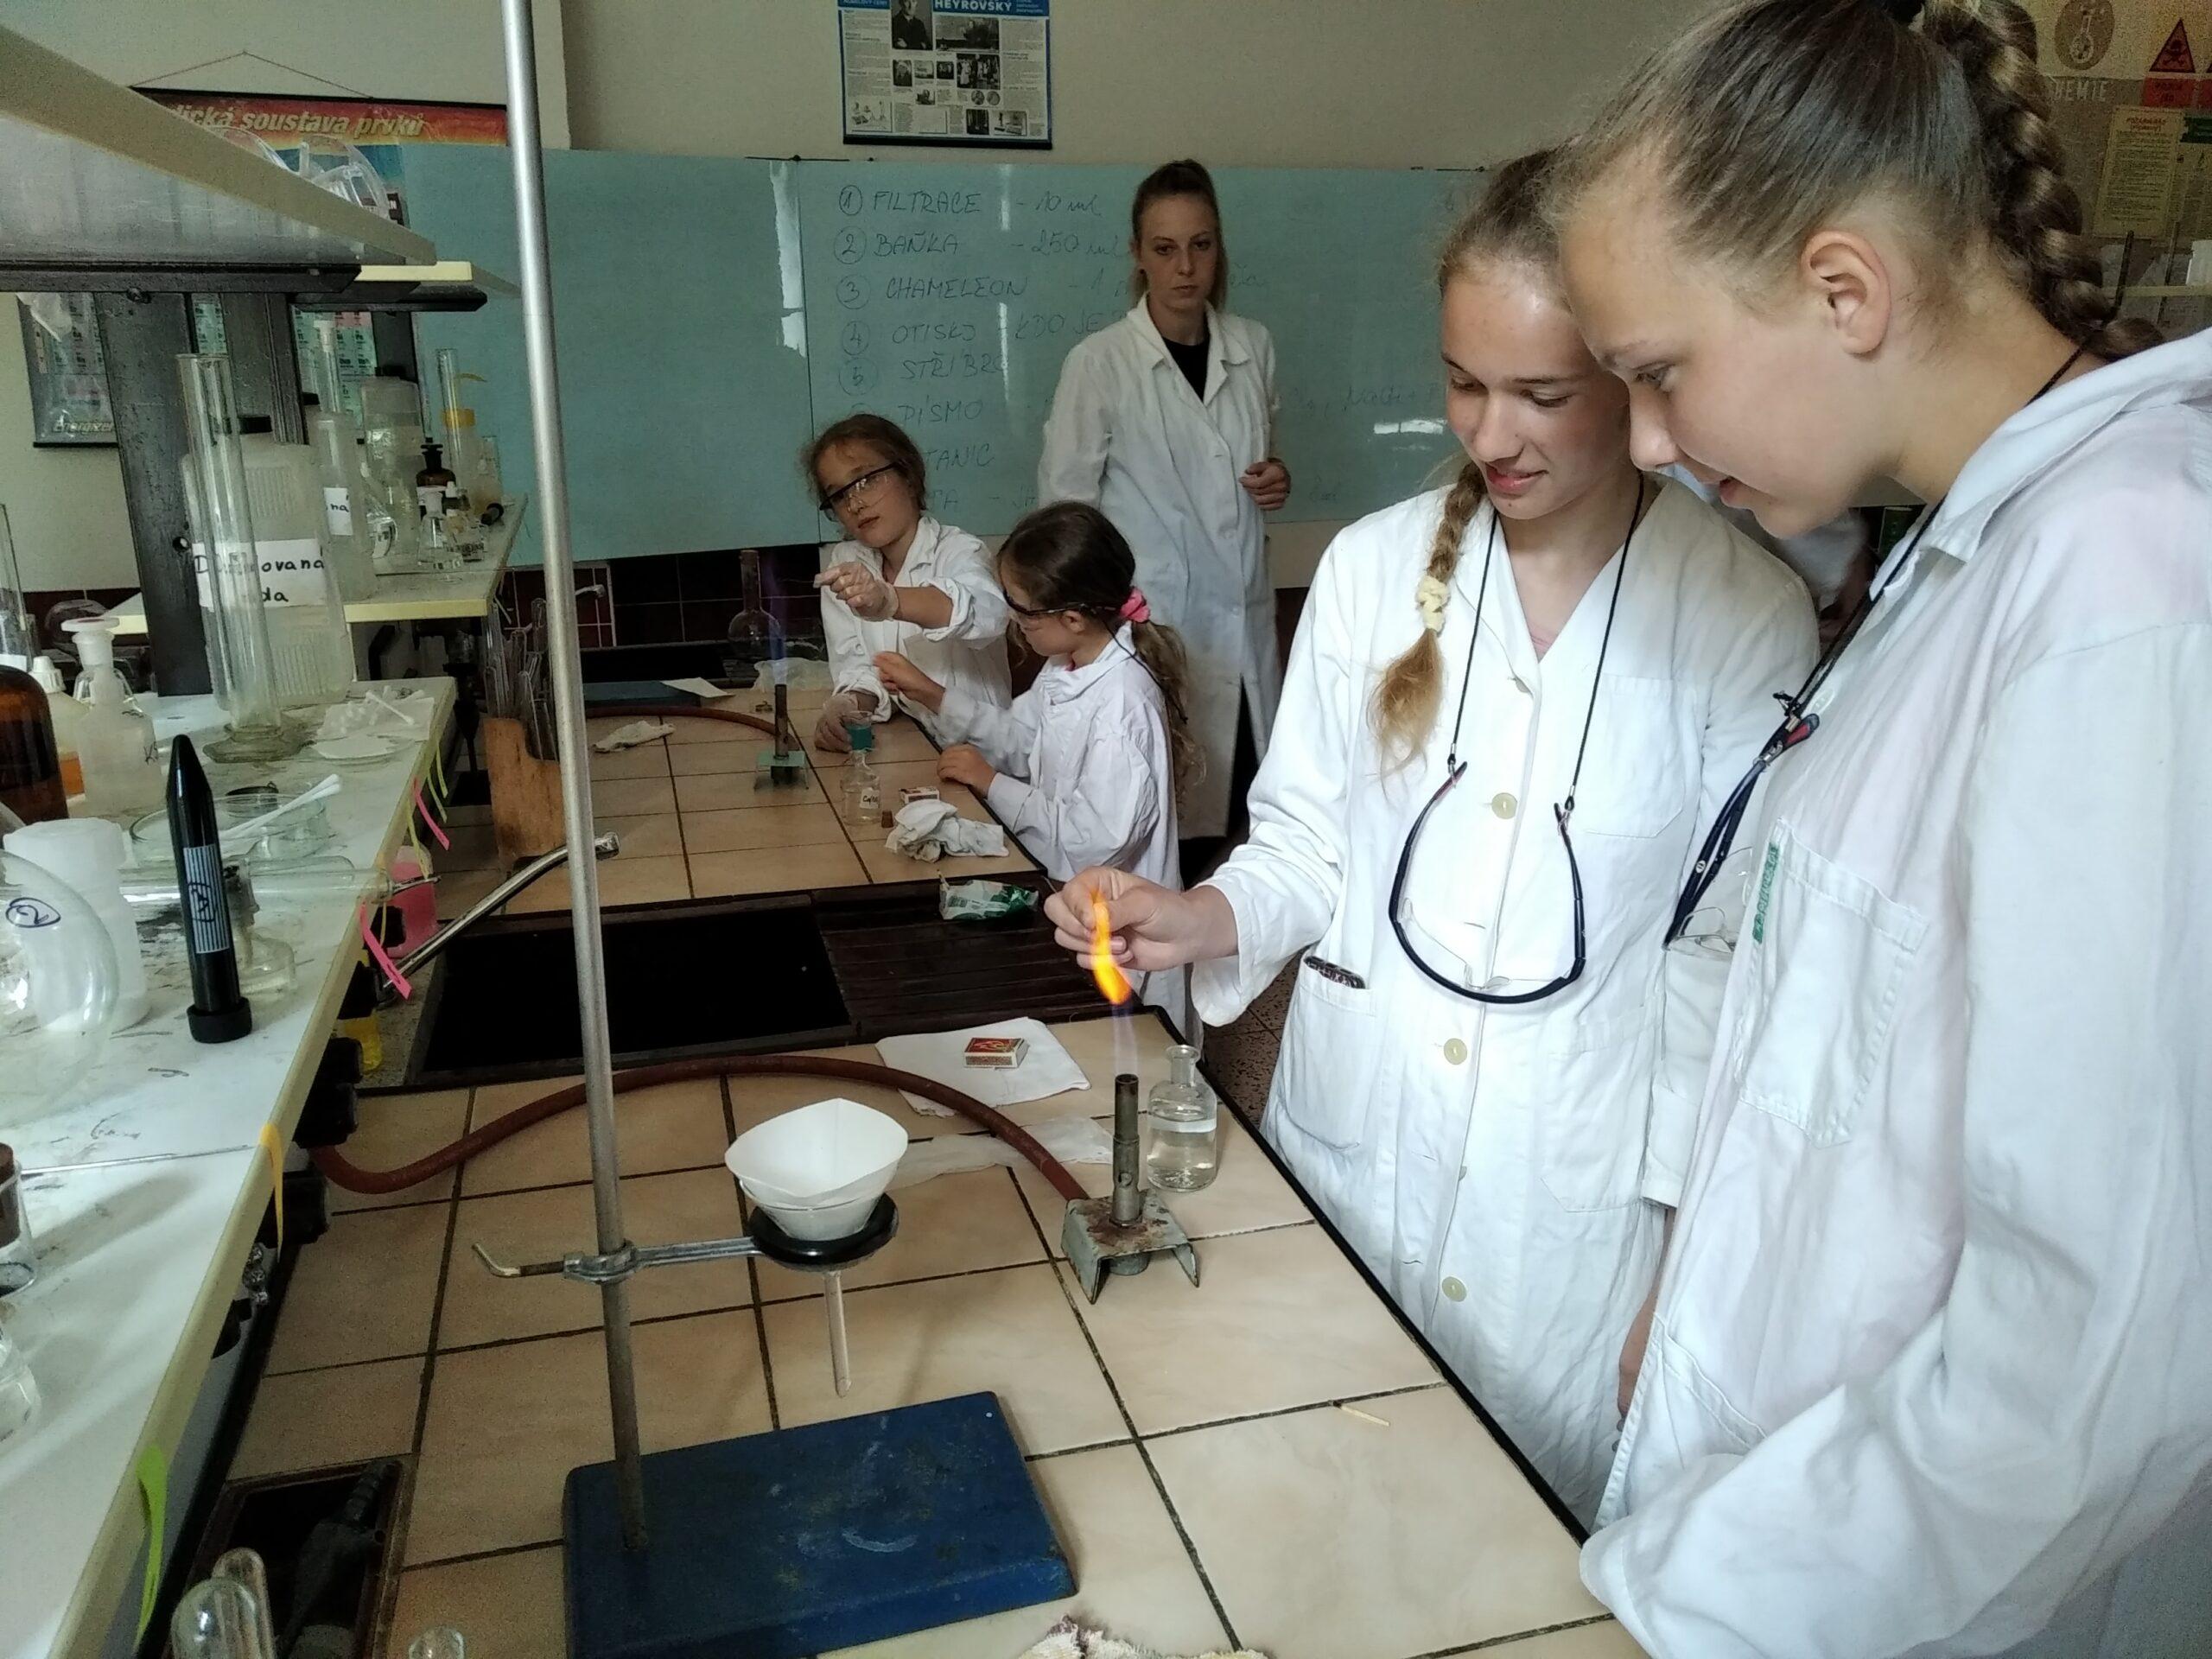 Předposlední červencový týden se vLukách nad Jihlavou a na různých odborných pracovištích na Vysočině nesl vduchu vědy. Proběhl totiž čtvrtý ročník vědecko-technického tábora T-CAMP, který organizuje Rada dětí a mládeže […]